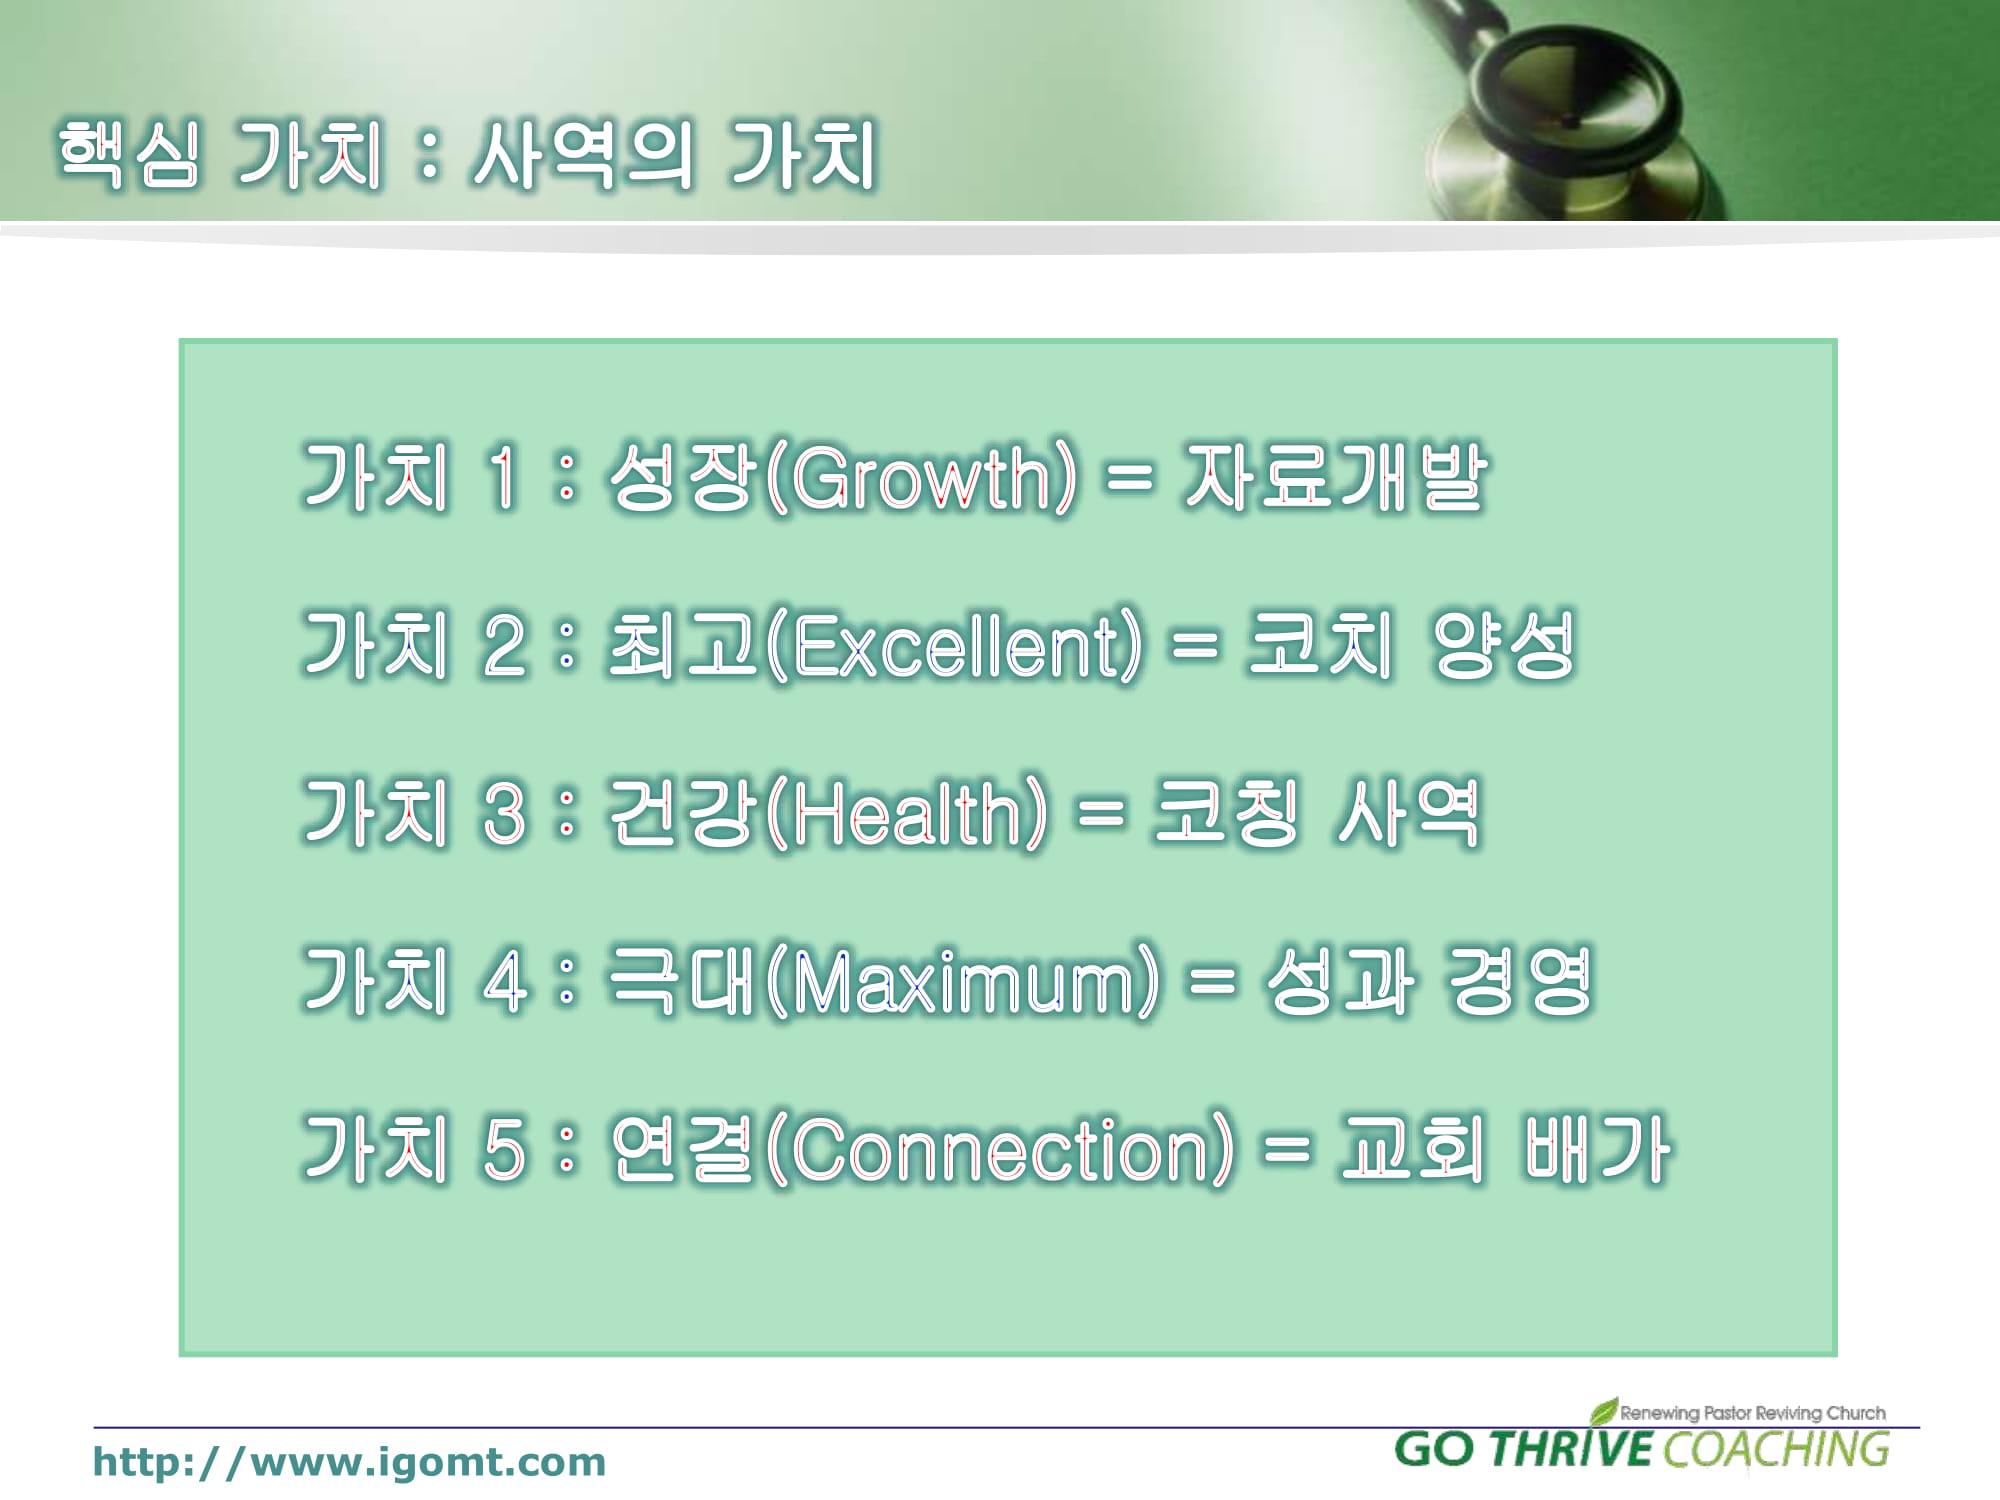 1-1-4분기-2018년 GO 코칭의 목표 ppt-04.jpg